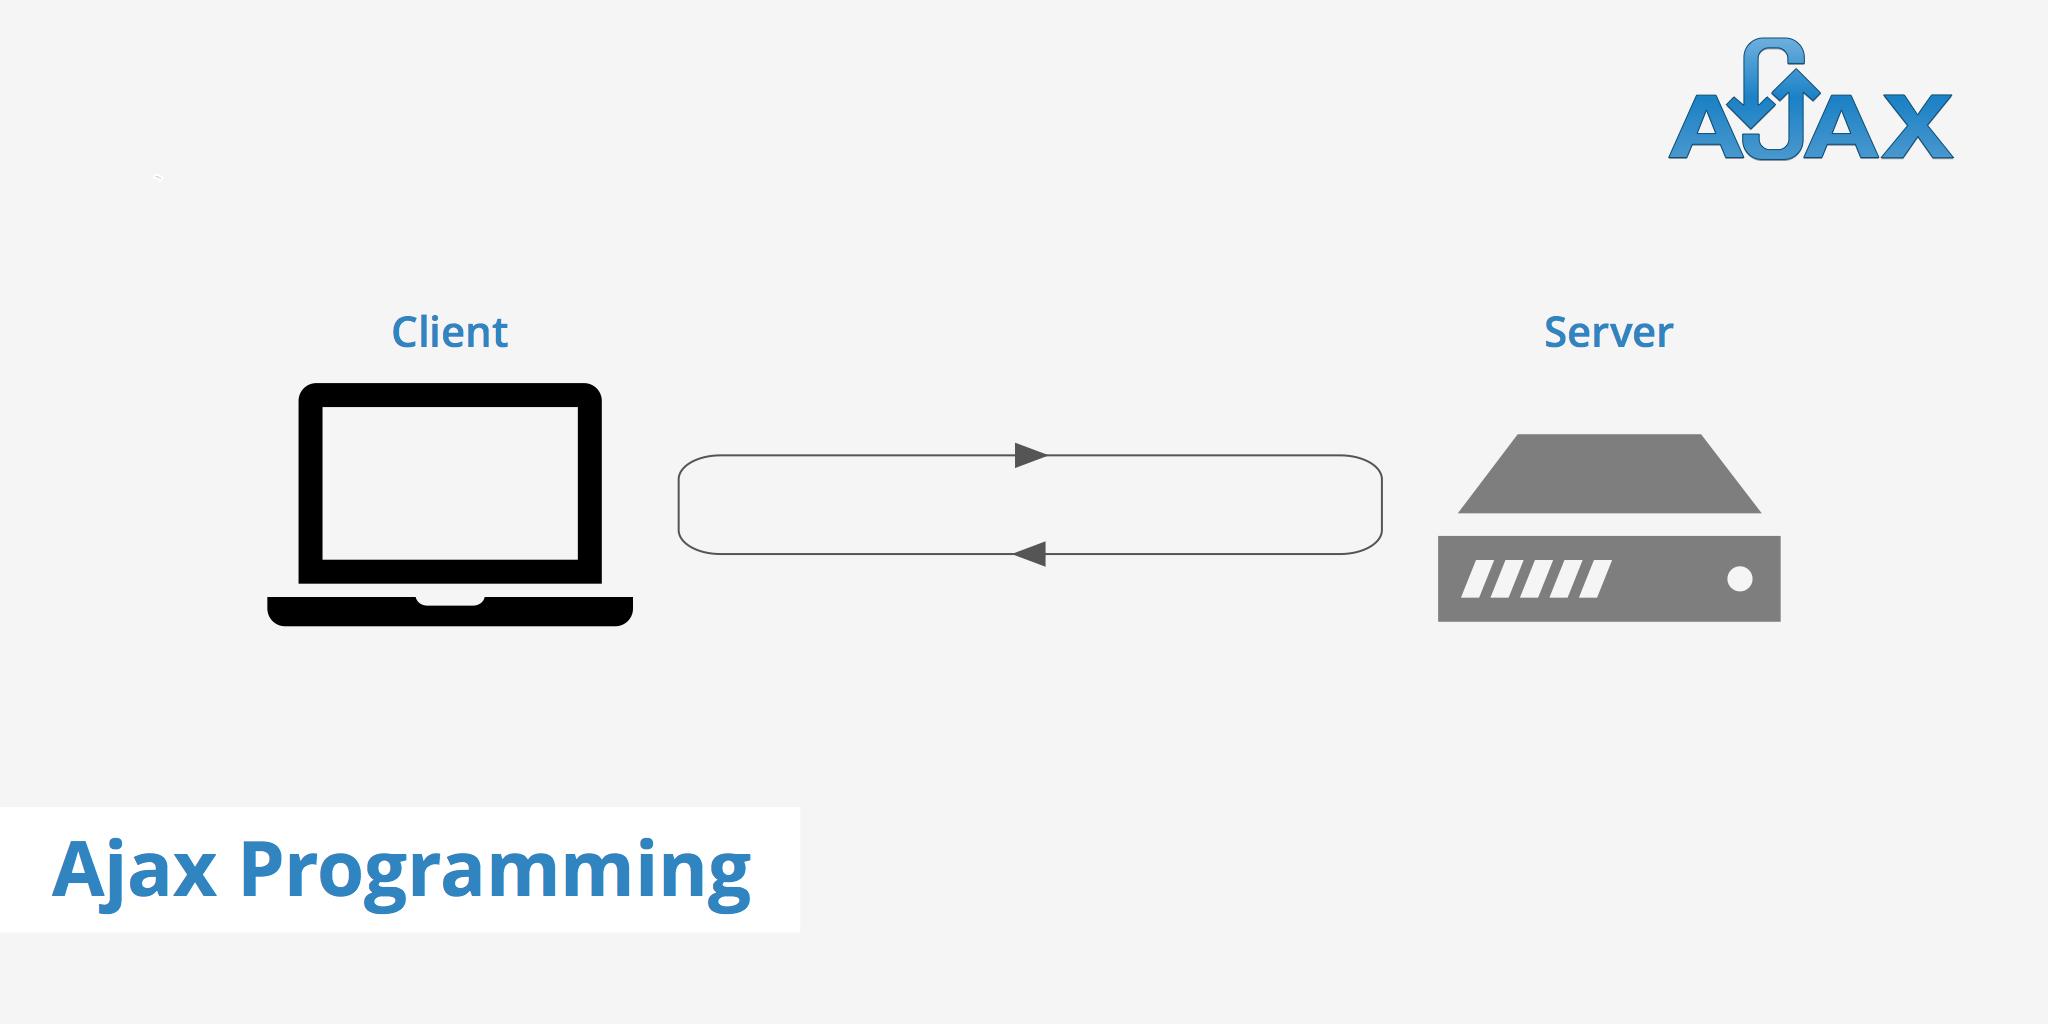 اصطلاحات اولیه طراحی وب و بهینه سازی سایت